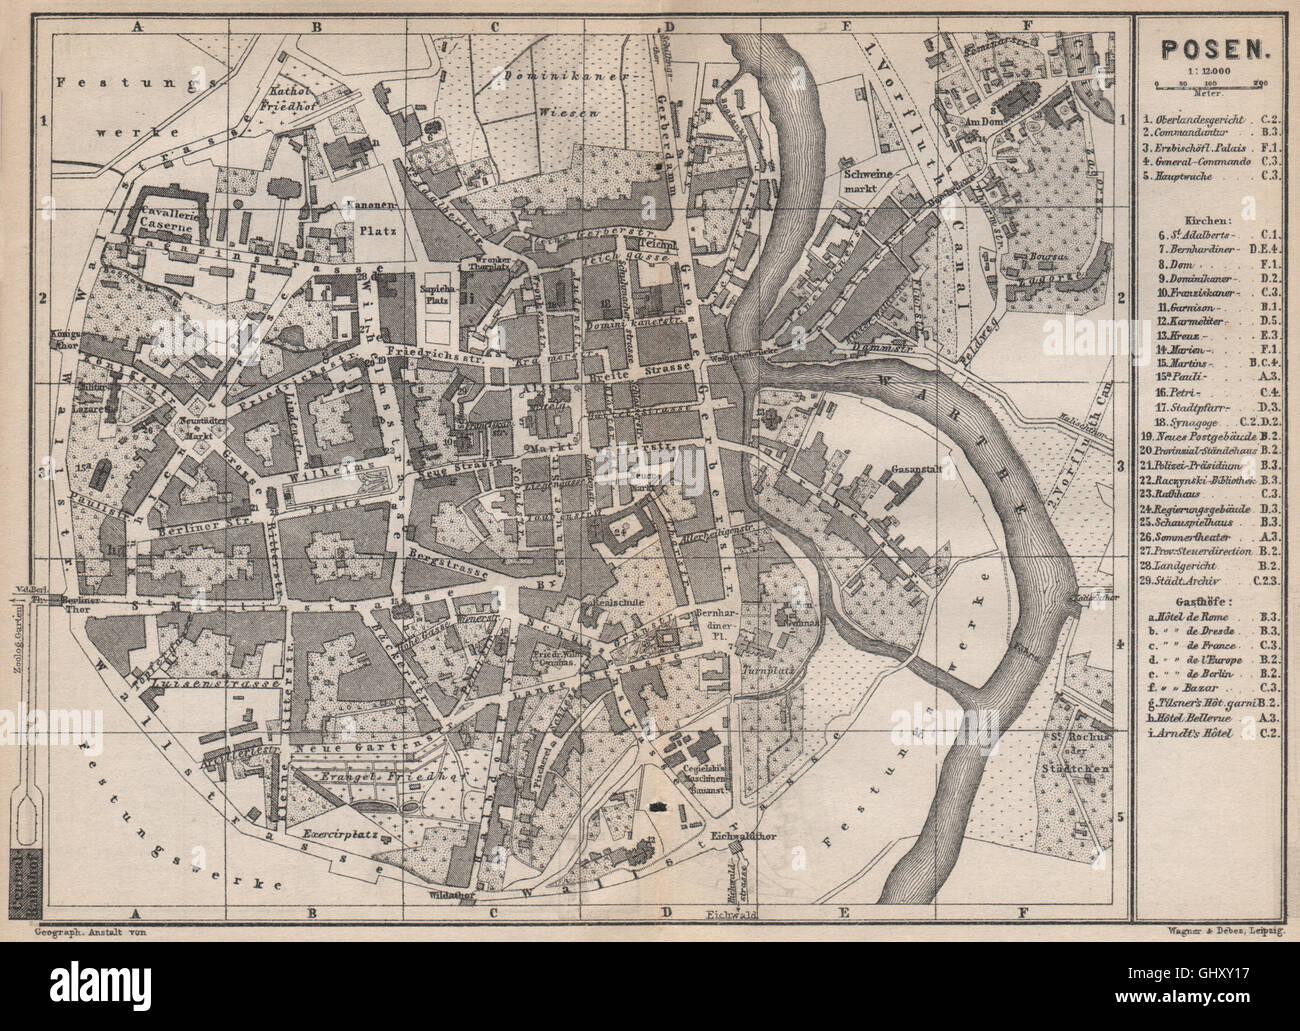 POSEN POZNAN antique town city plan miasta. Poznań. Poland mapa, 1886 - Stock Image